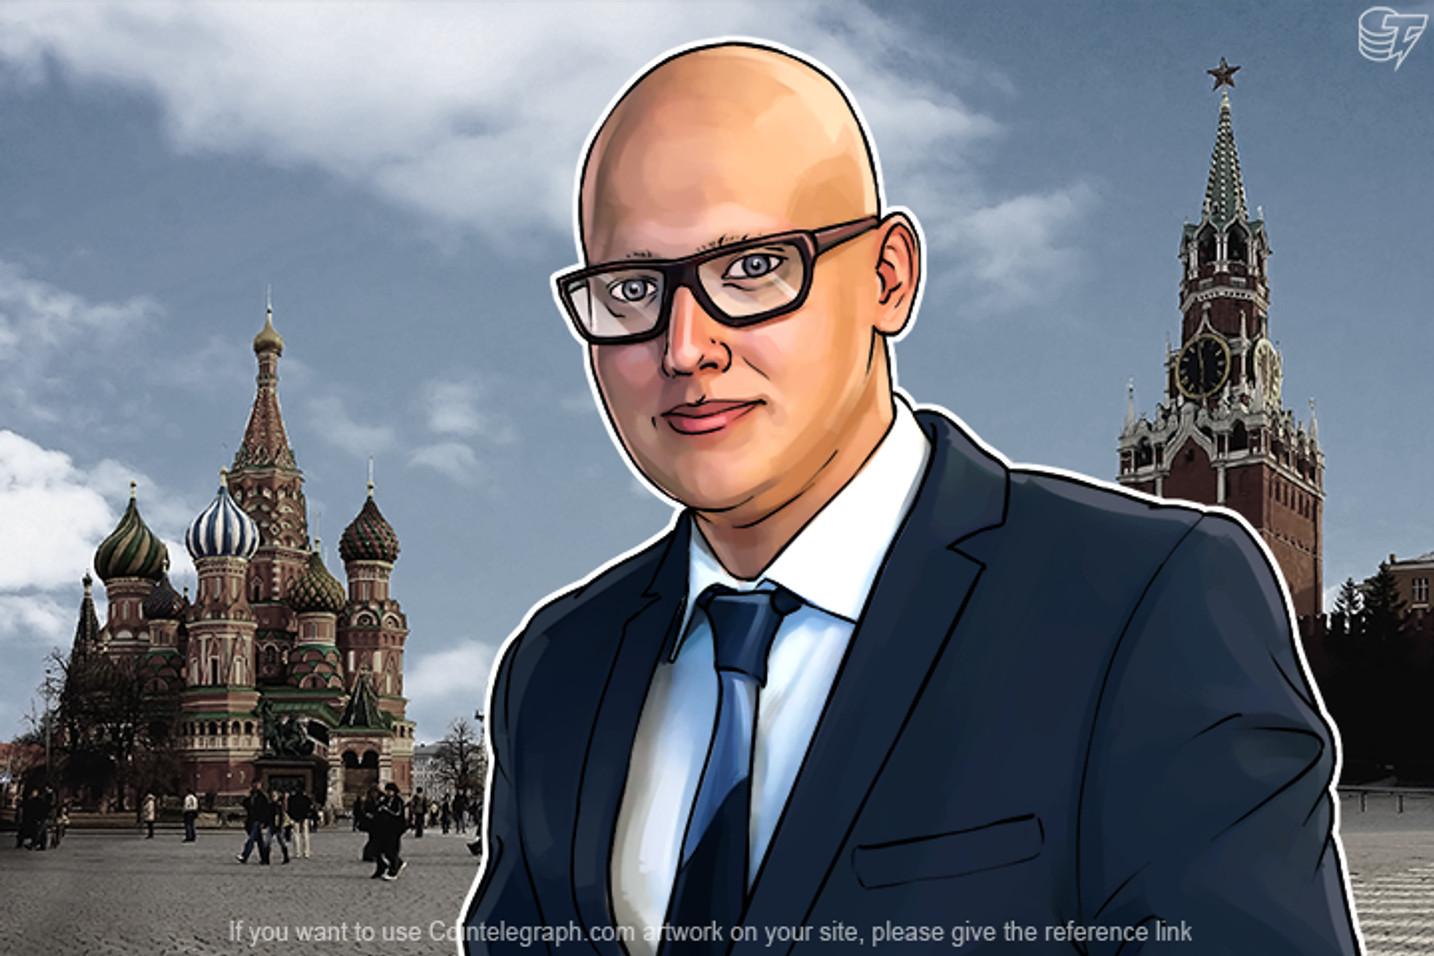 Machikhin Dmitry